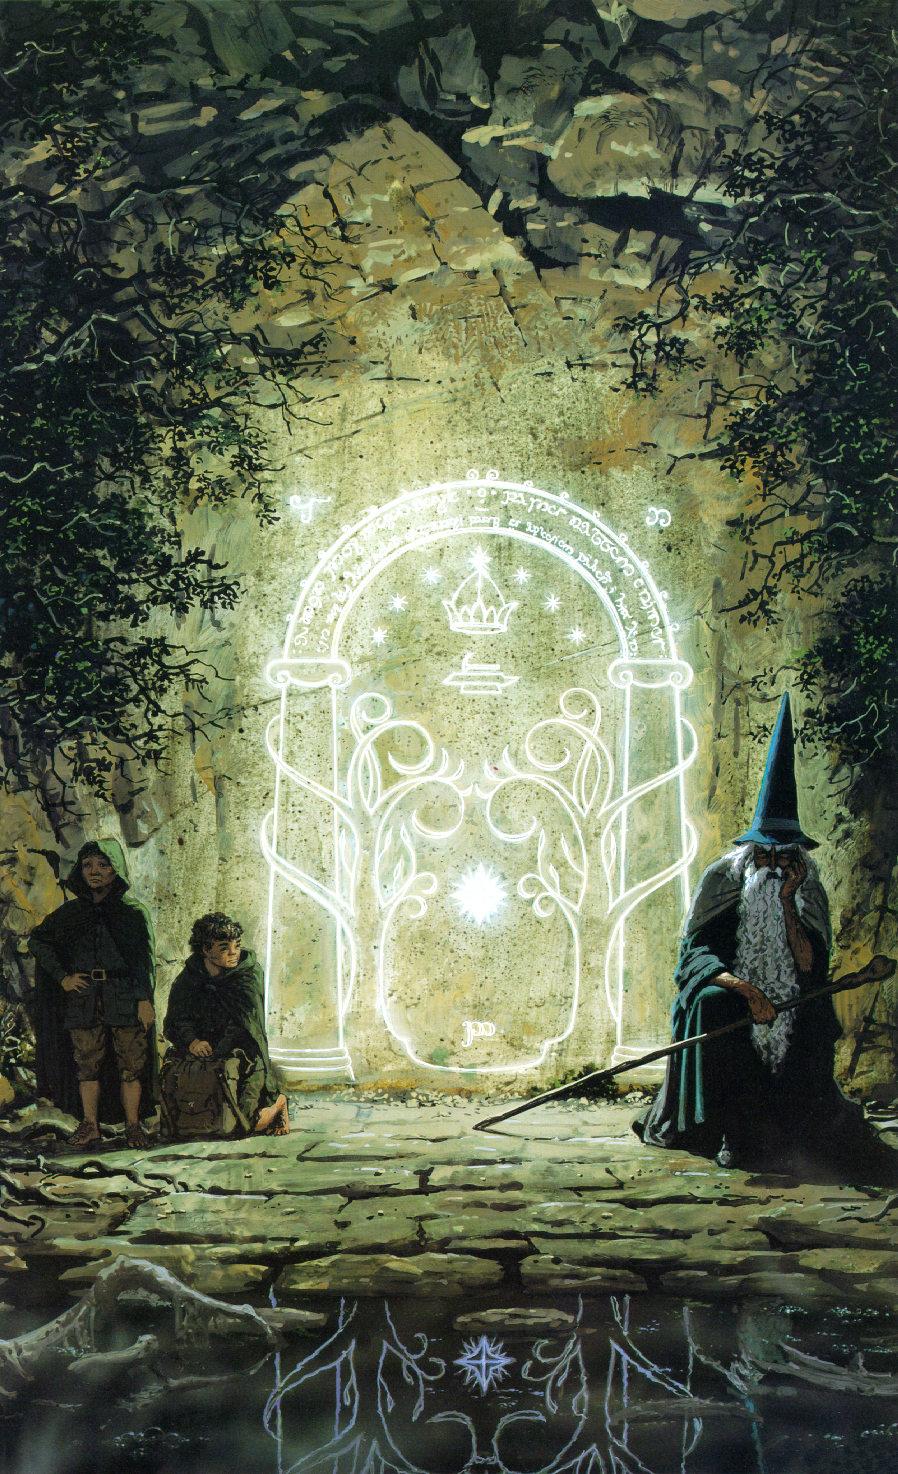 Teatro sobre los Cuentos de Tolkien